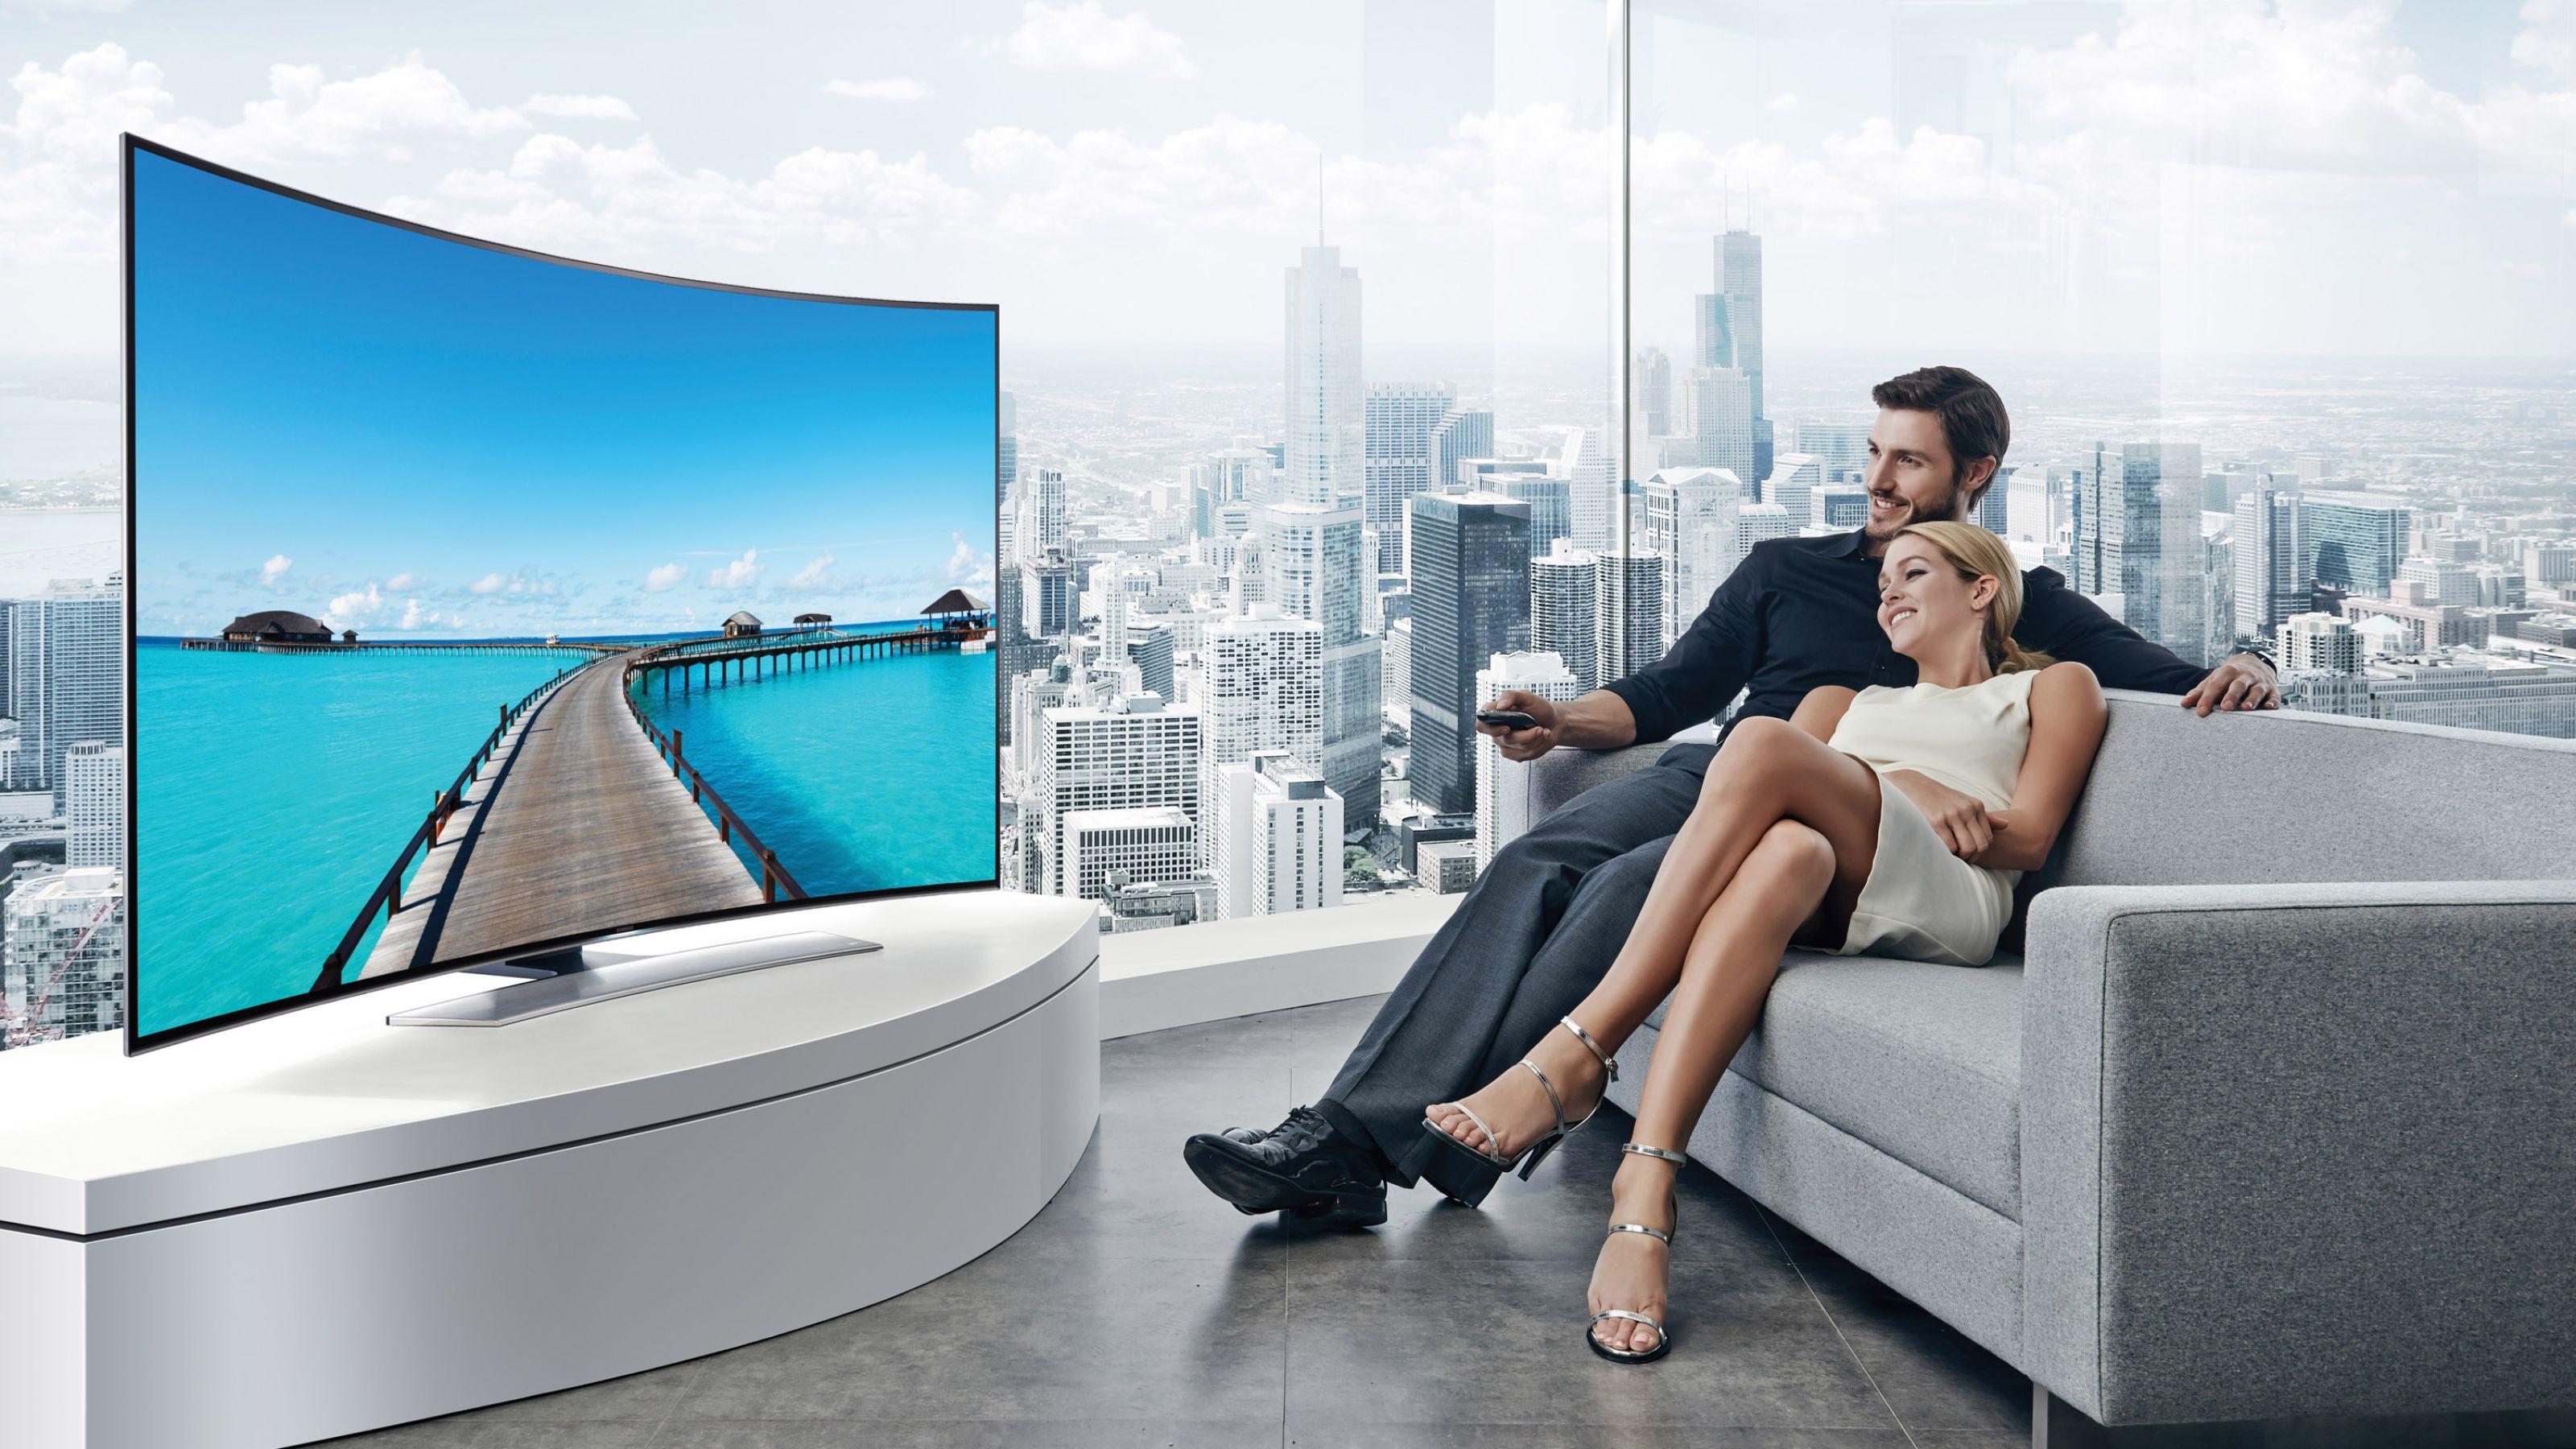 El mejor televisor 4k comparativa gu a de compra del - Distancias recomendadas para ver tv led ...